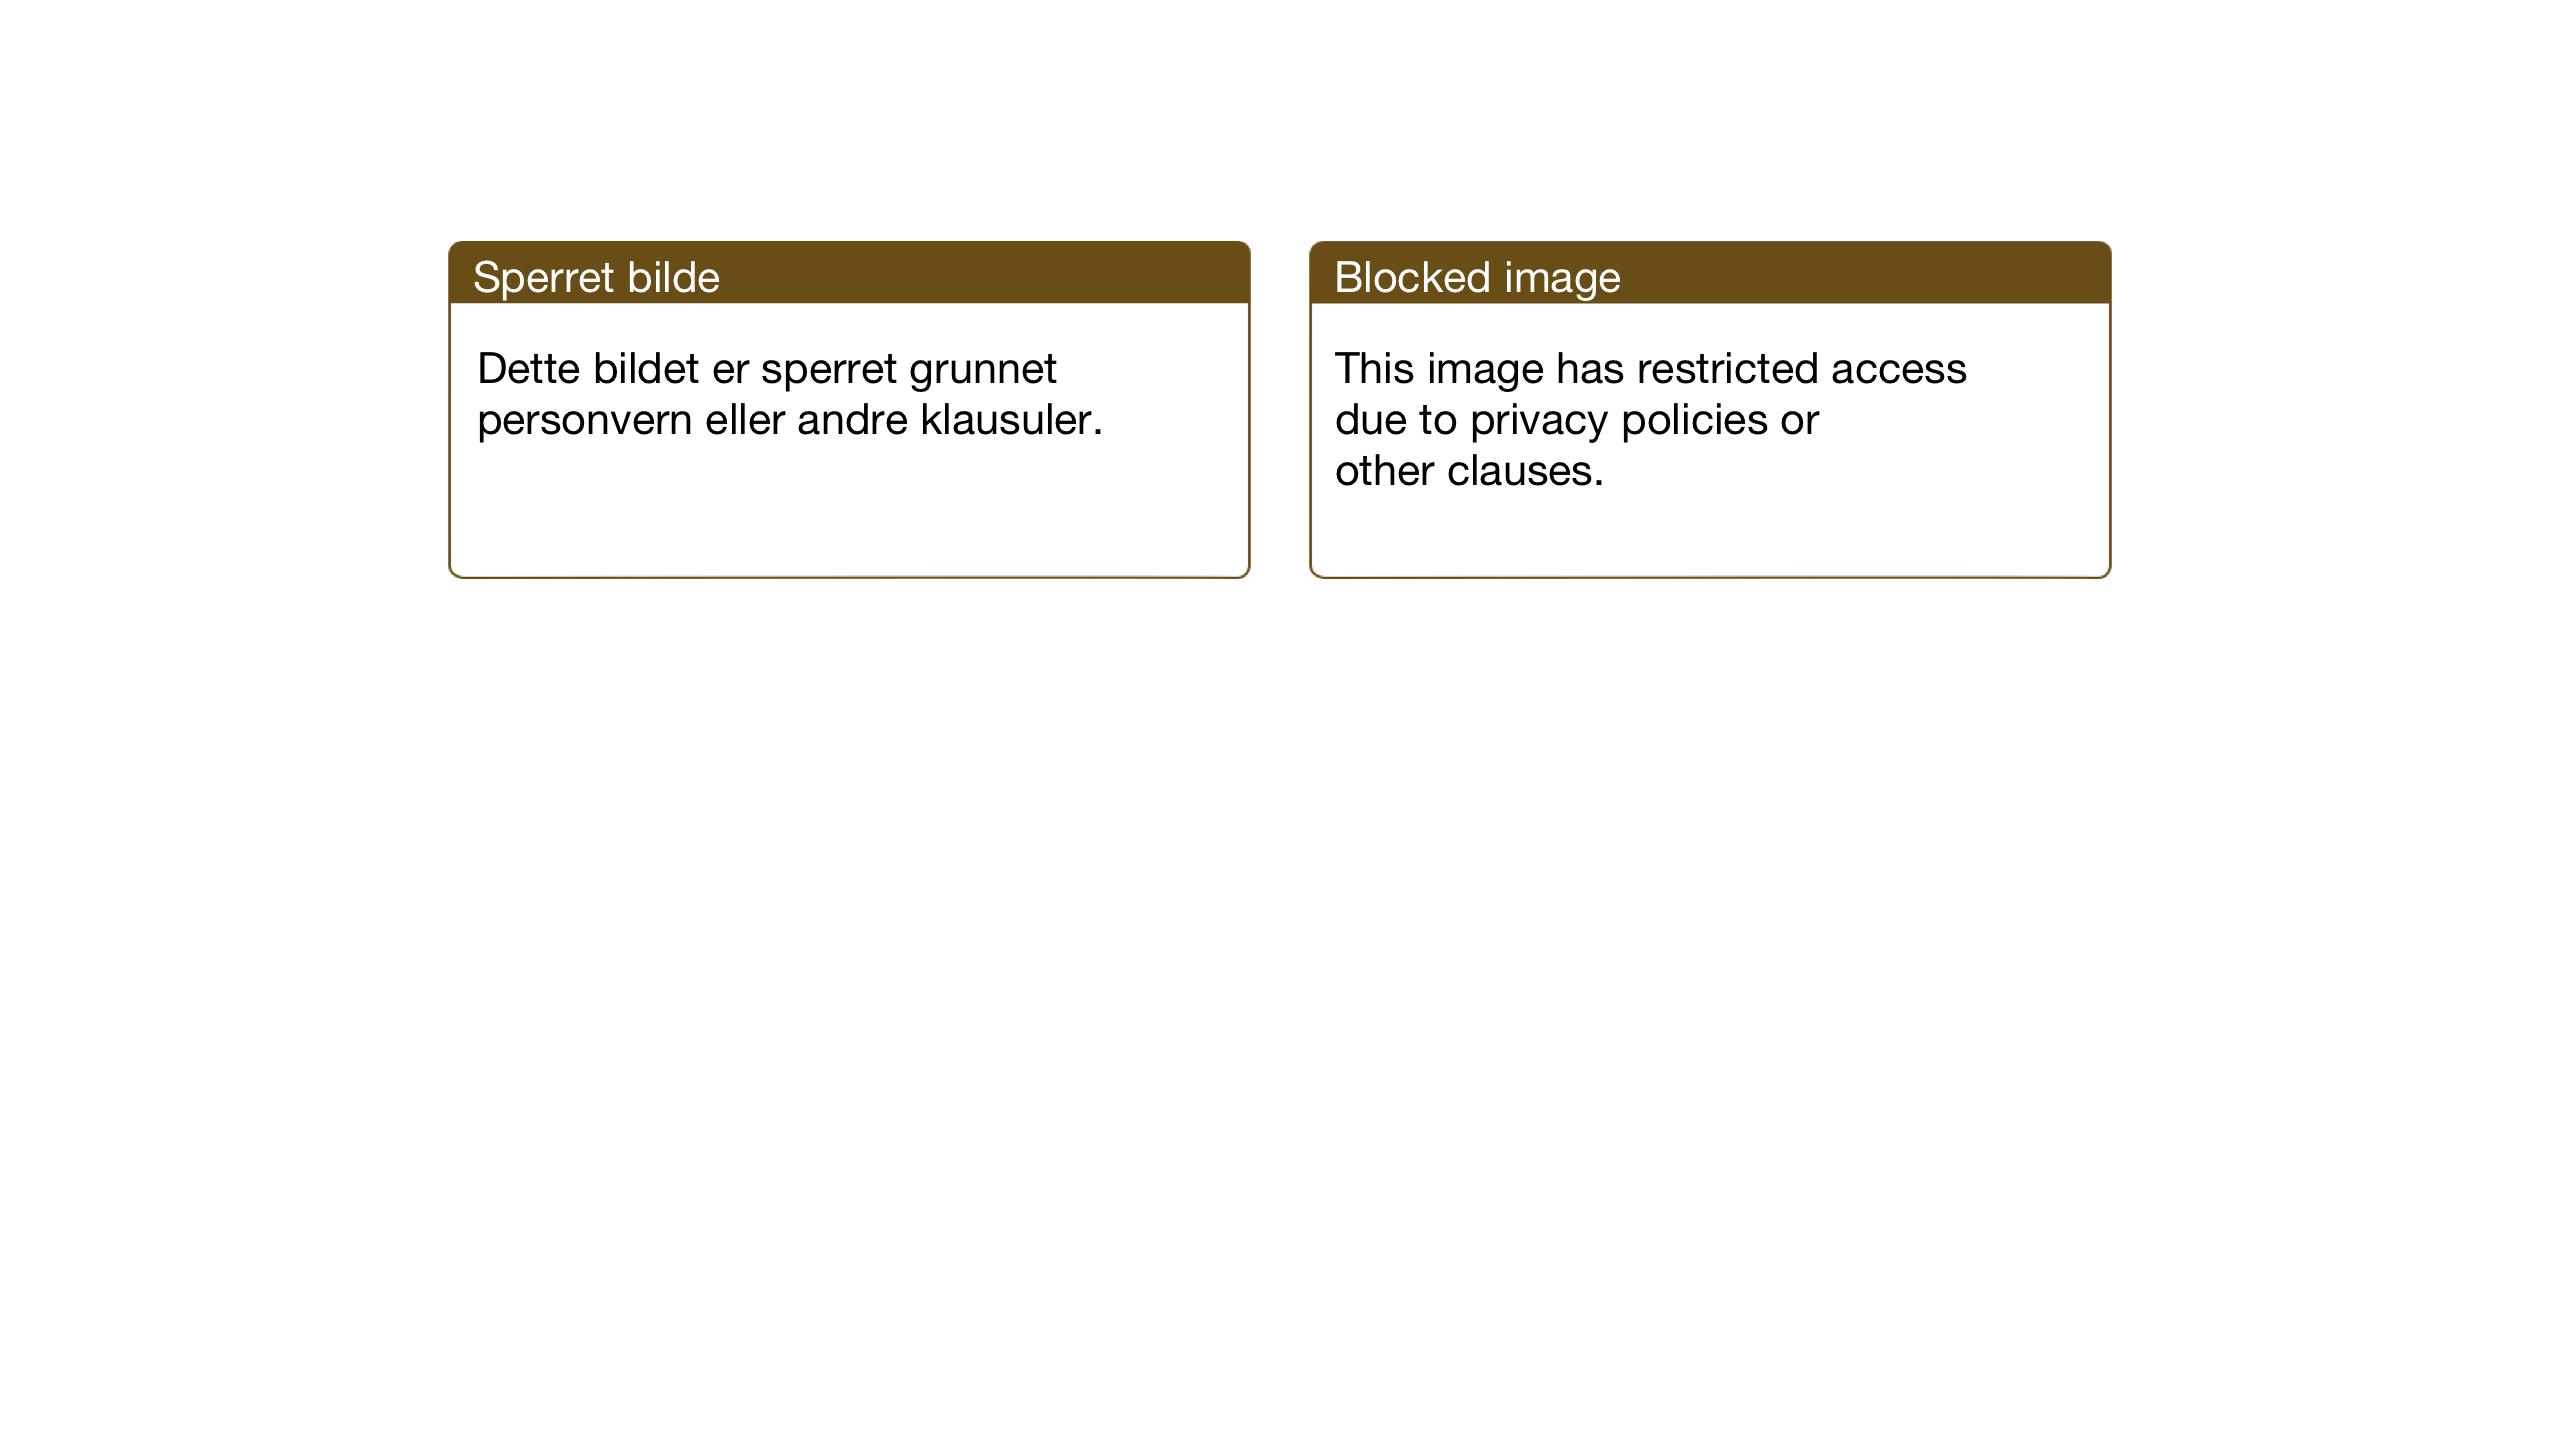 SAT, Ministerialprotokoller, klokkerbøker og fødselsregistre - Sør-Trøndelag, 603/L0175: Klokkerbok nr. 603C03, 1923-1941, s. 179